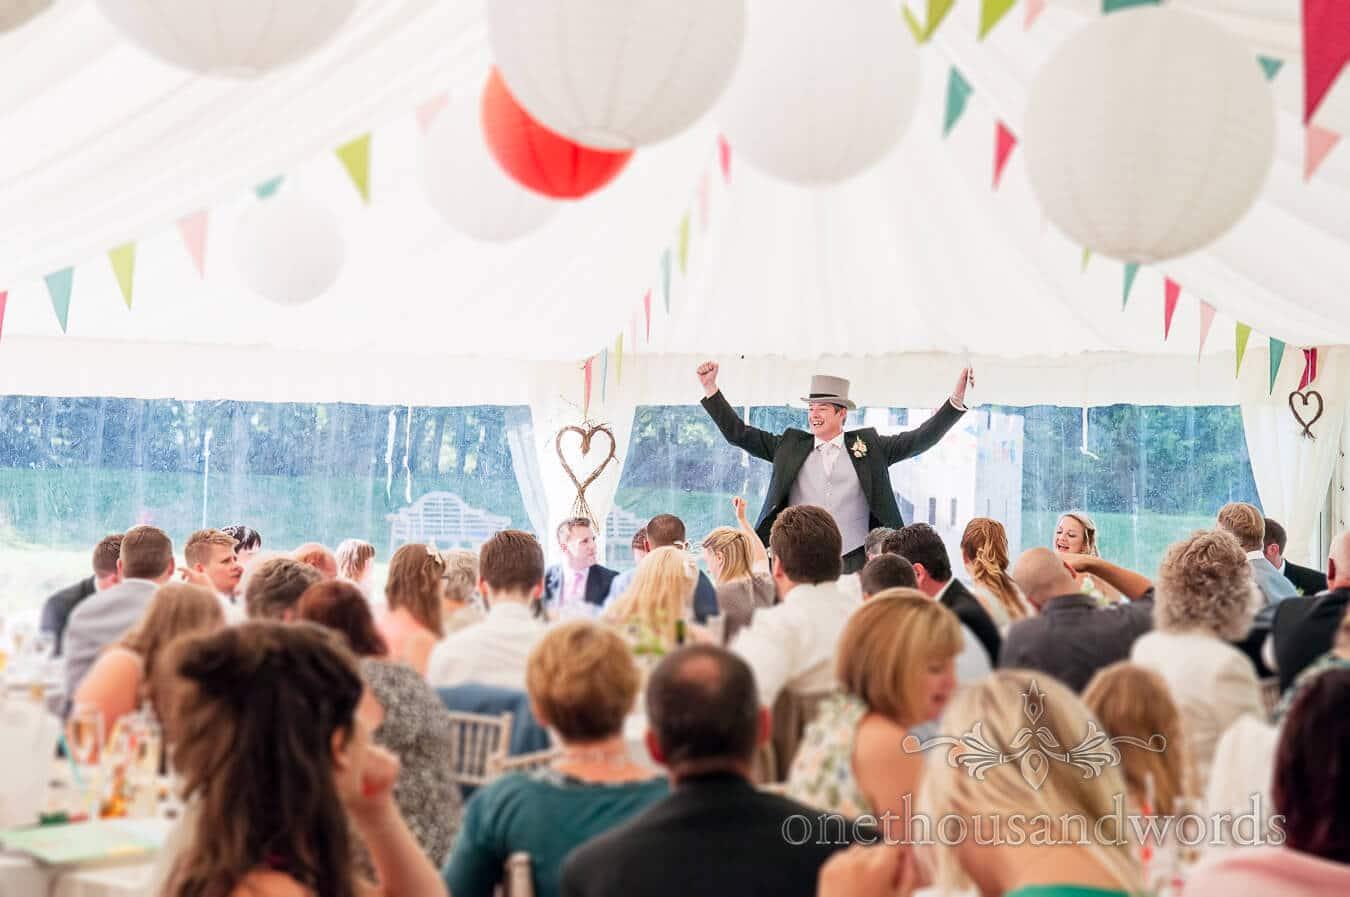 Best Man's Speech in wedding marquee at Dorset home wedding